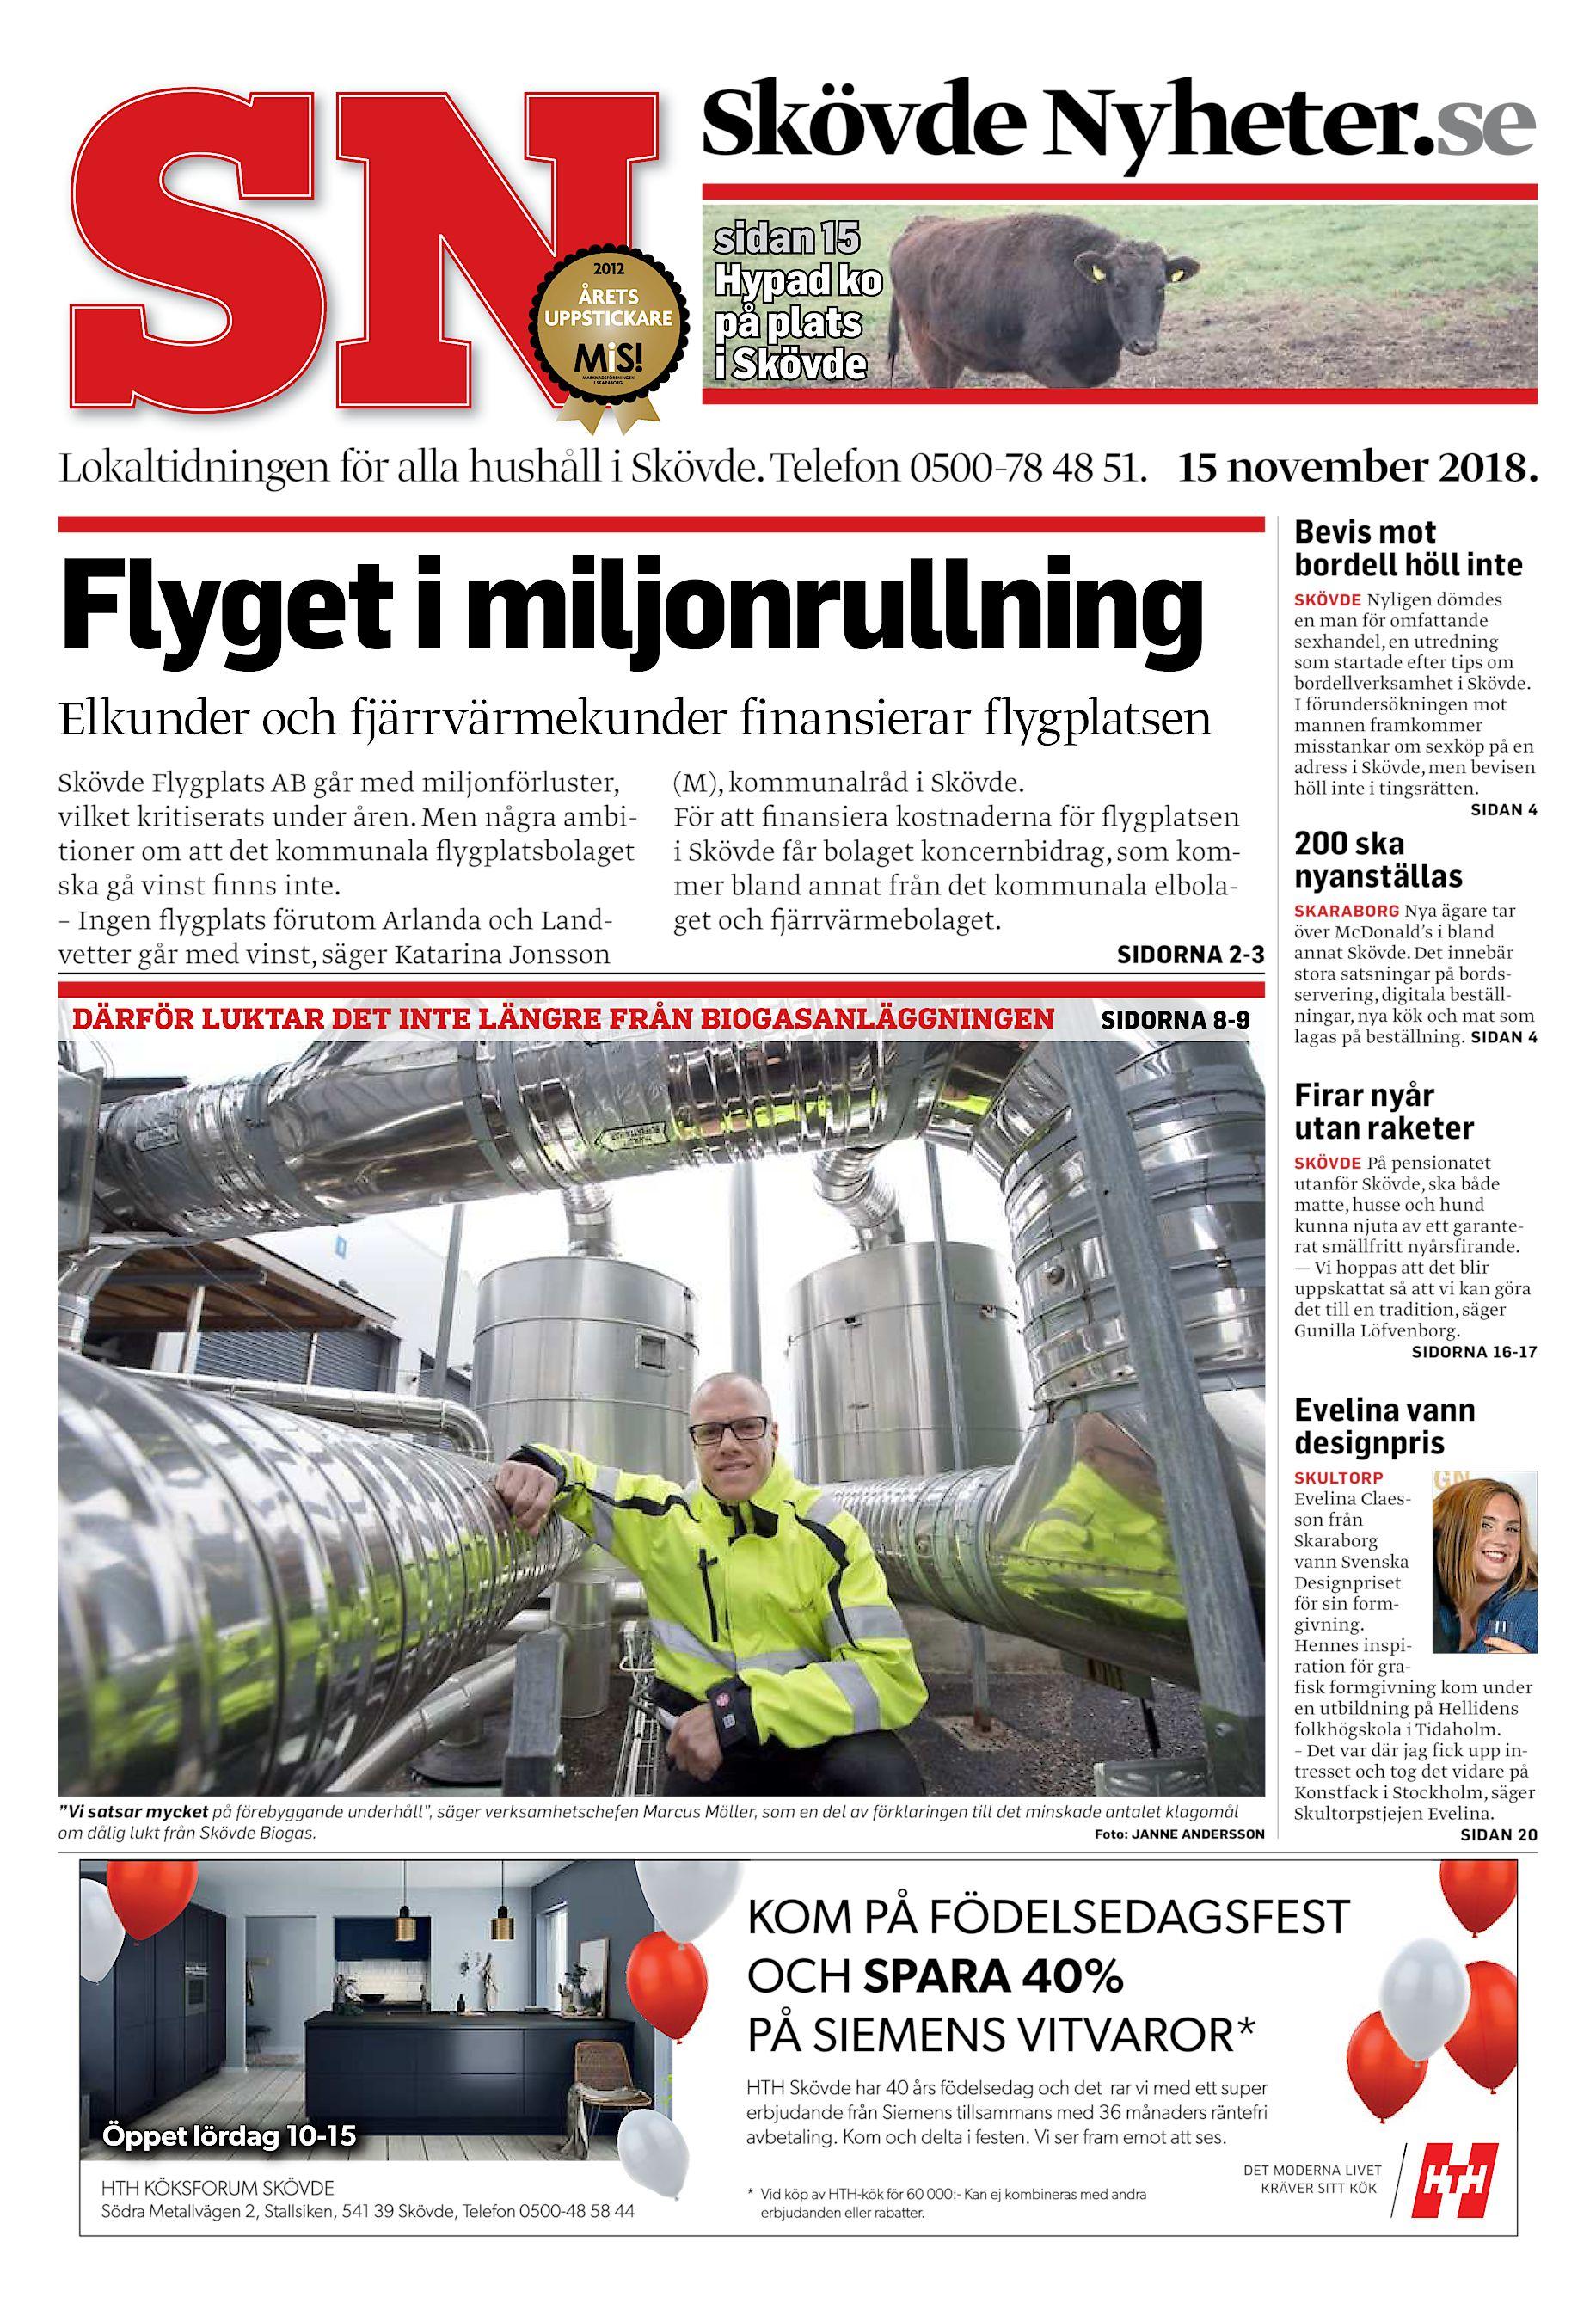 5133c860e716 Skövde Nyheter.se sidan 15 Hypad ko på plats i Skövde Lokaltidningen för  alla hushåll i Skövde. Telefon 0500-78 48 51. 15 november 2018.